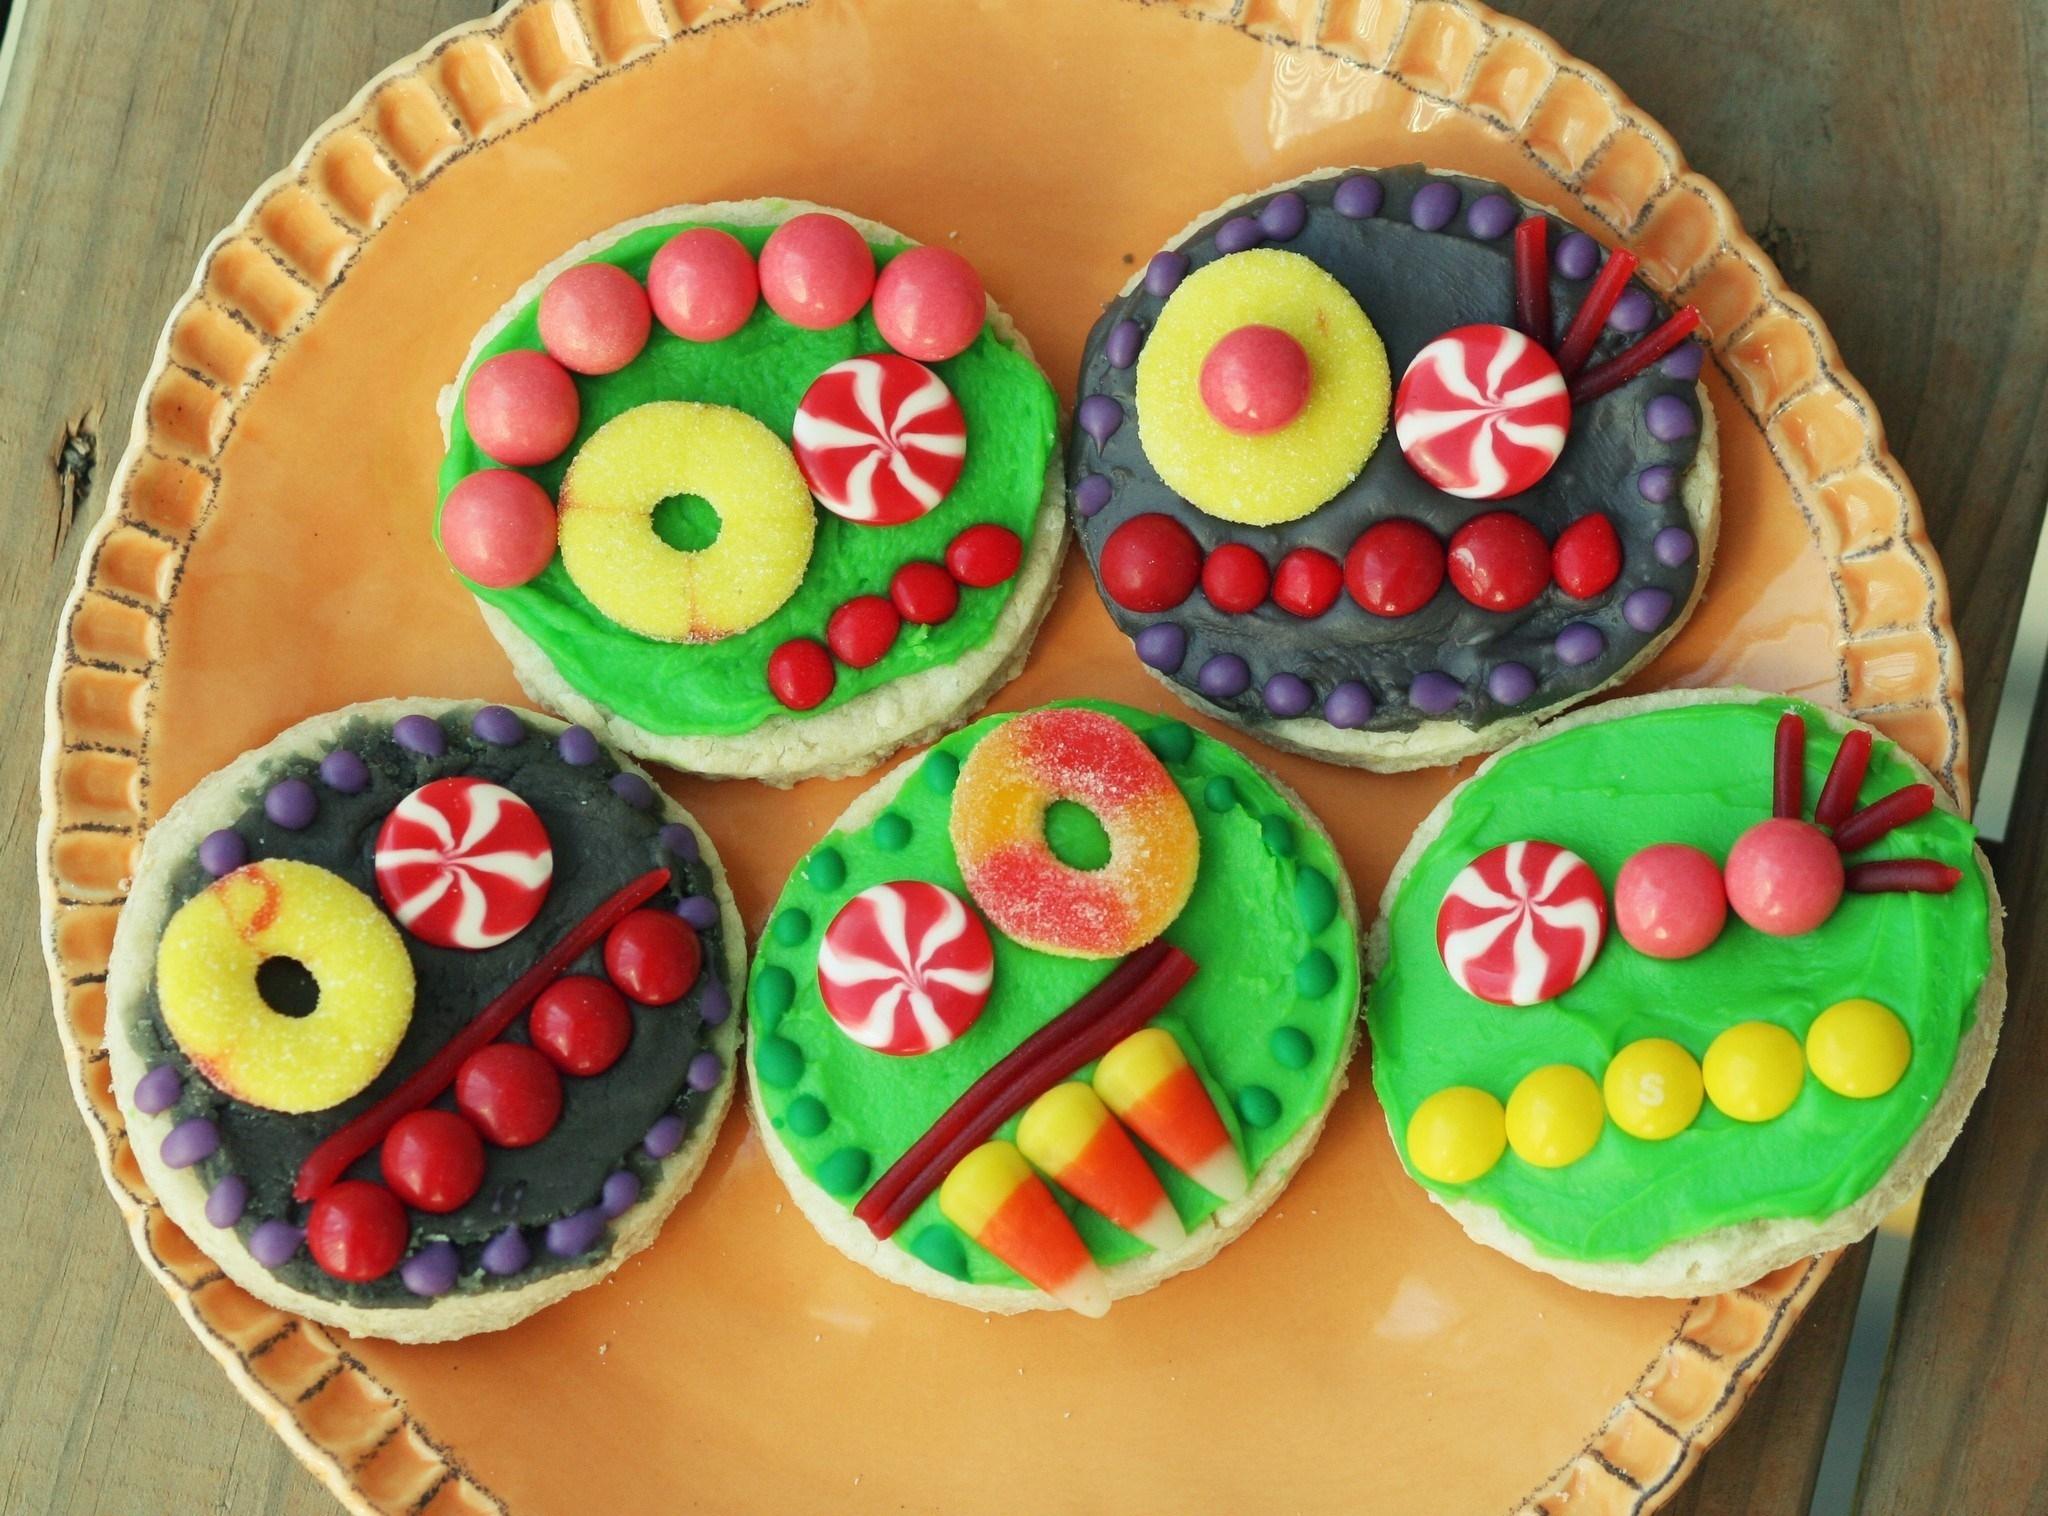 手機的65948屏保和壁紙搞笑。 免費下載 食物, 糖果, 甜食, 有色, 彩色, 有趣的, 搞笑, 面孔, 罗日兹, 饼干 圖片